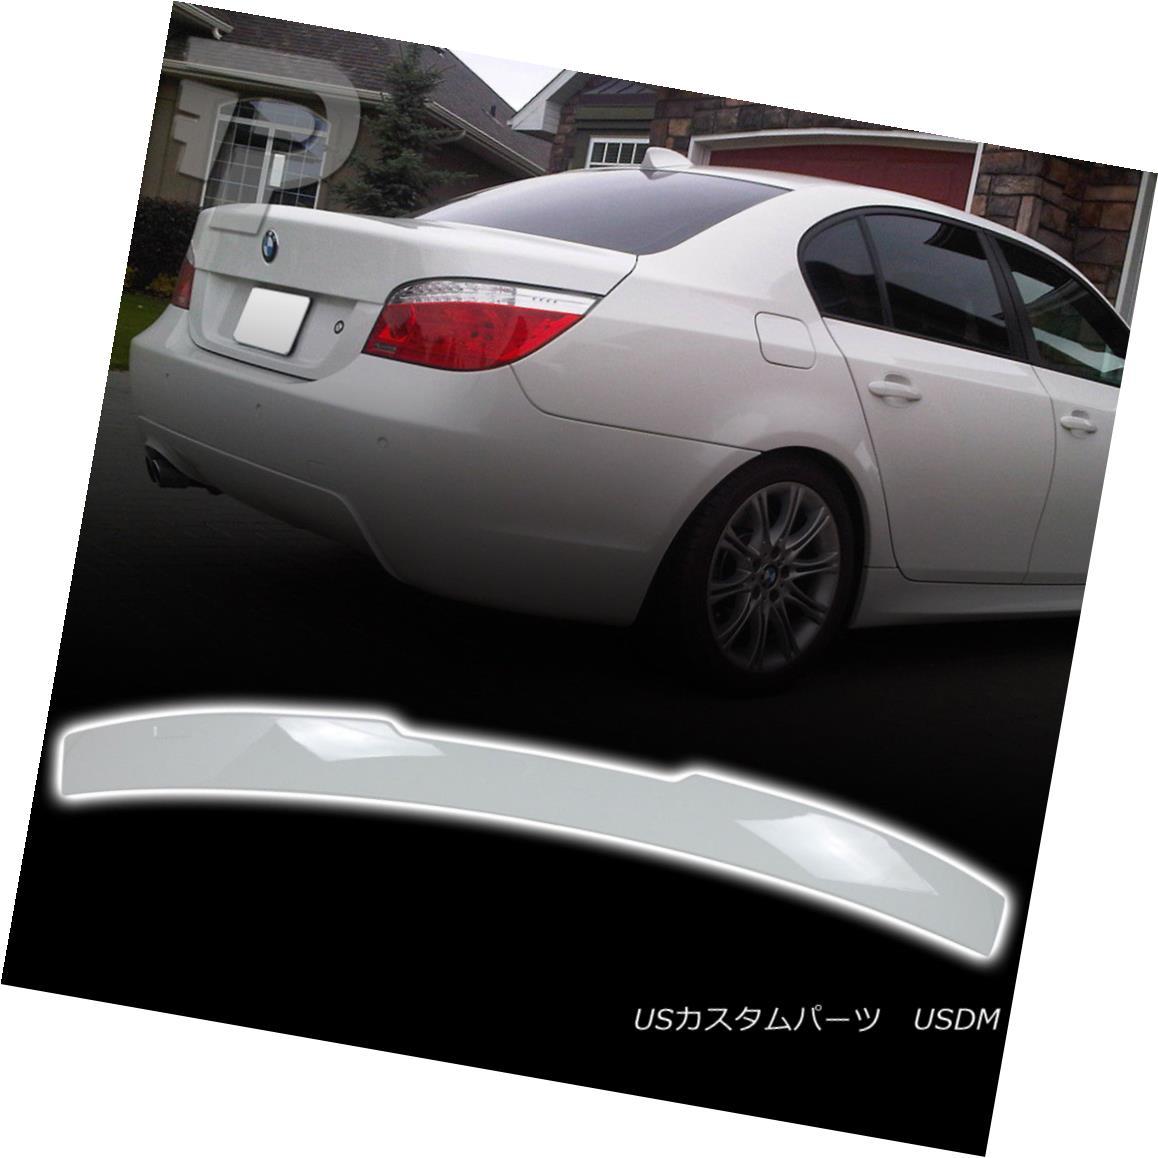 エアロパーツ 04-10 For BMW 5-Series E60 M5 Sedan A Type Rear Roof Spoiler Painted Color#300 04-10 BMW 5シリーズE60 M5セダンAタイプリアルーフスポイラー塗装カラー#300